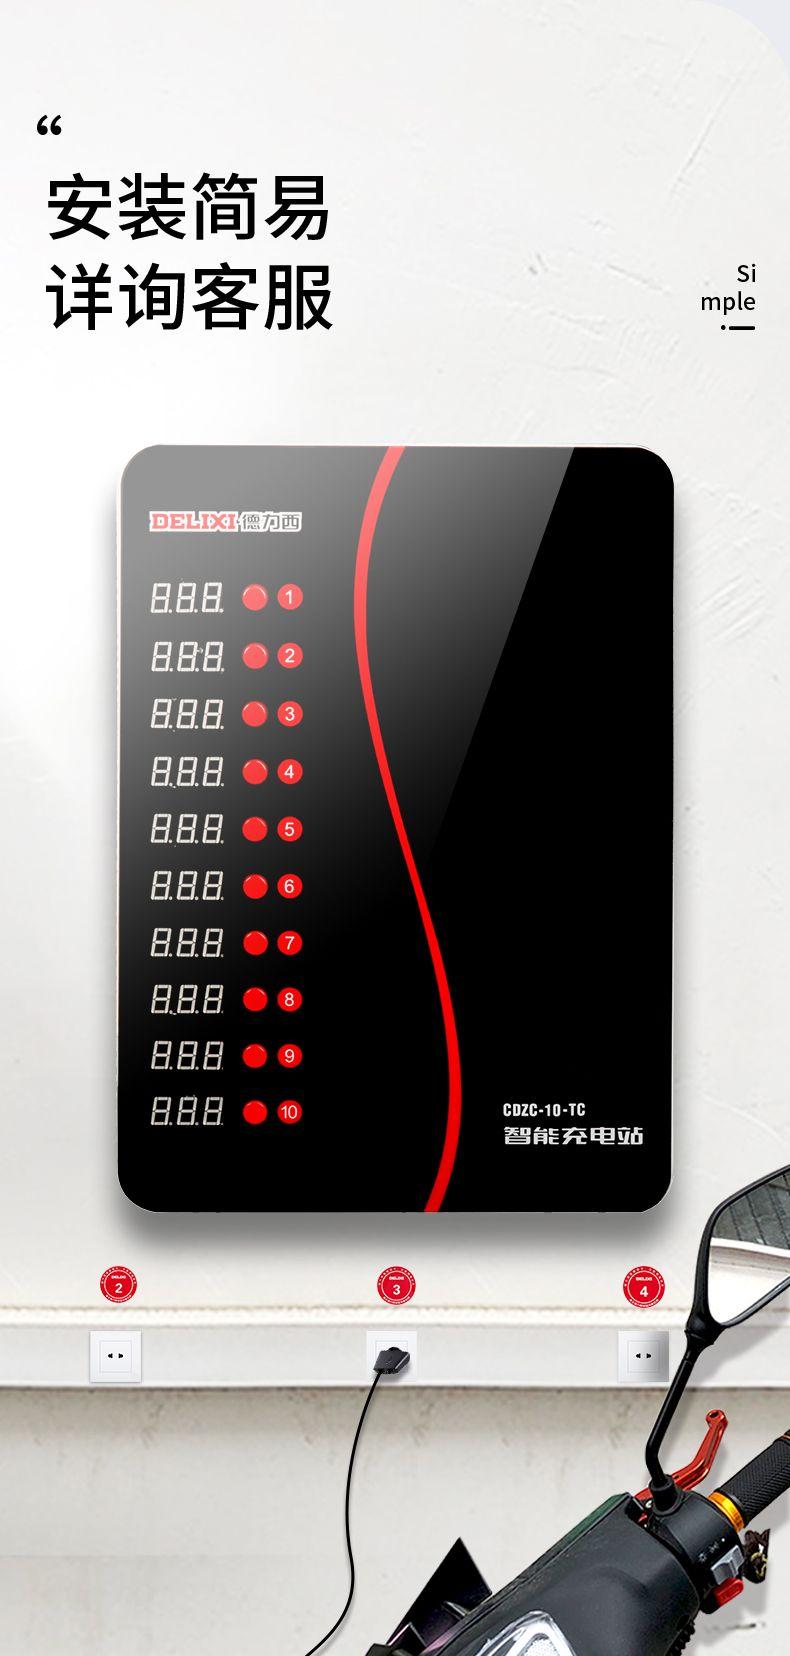 德力西充电站安装方便快捷